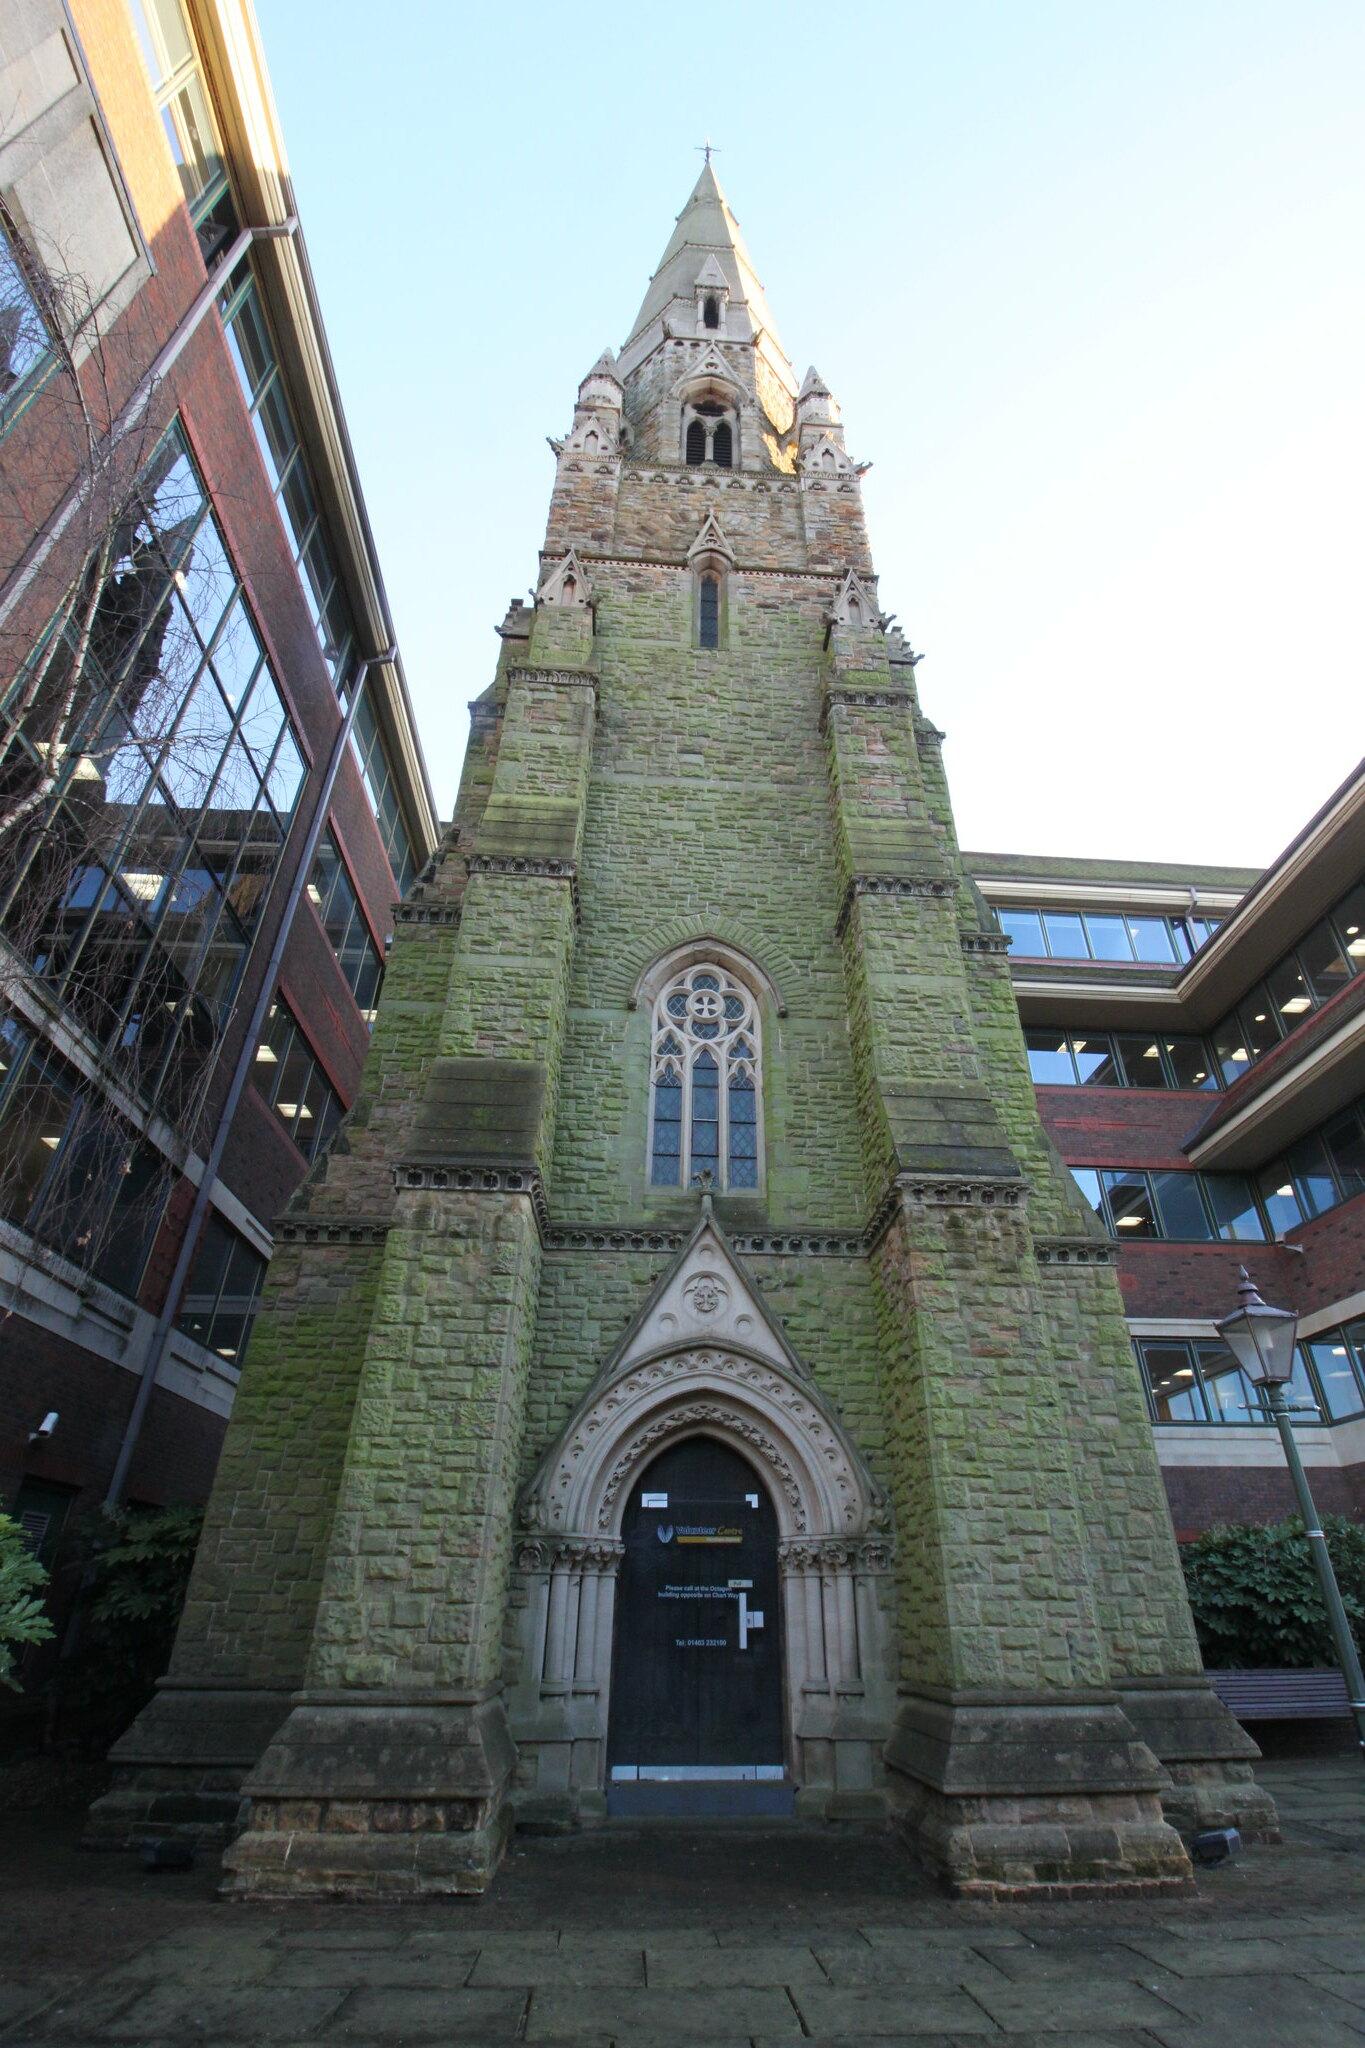 St Mark's Spire in Horsham